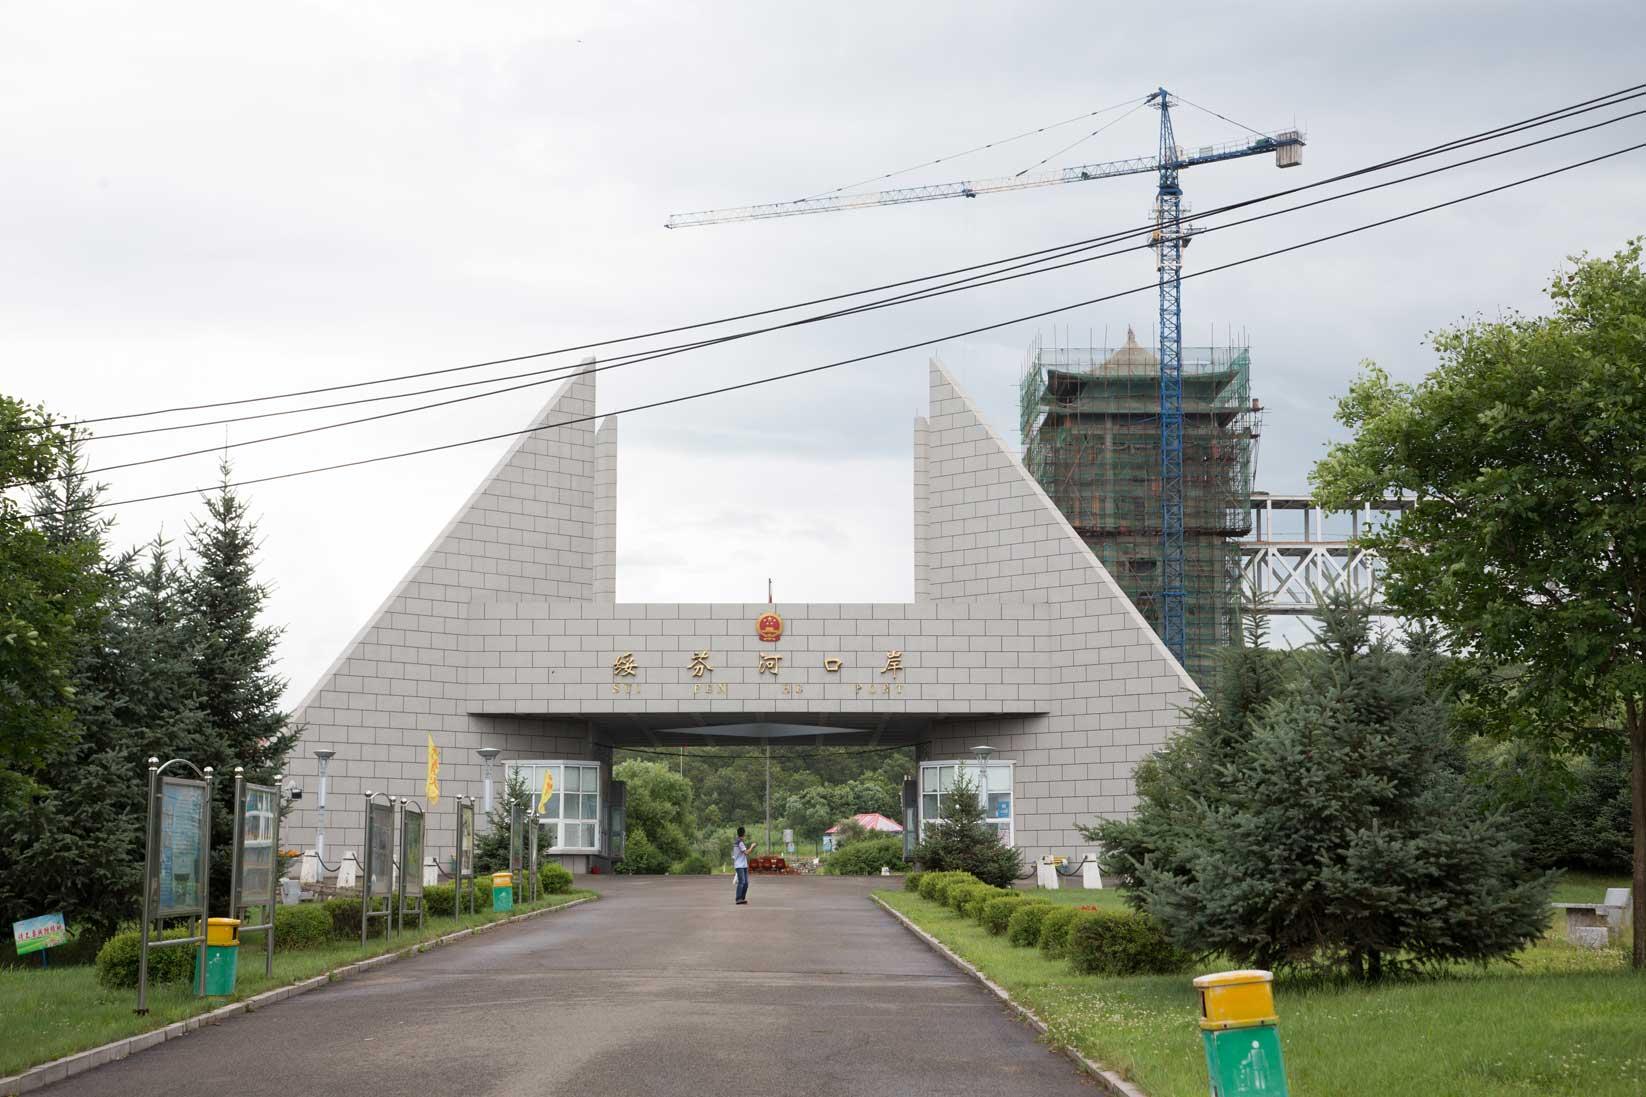 綏芬河の新国境ゲート建設は進行中_b0235153_1757233.jpg